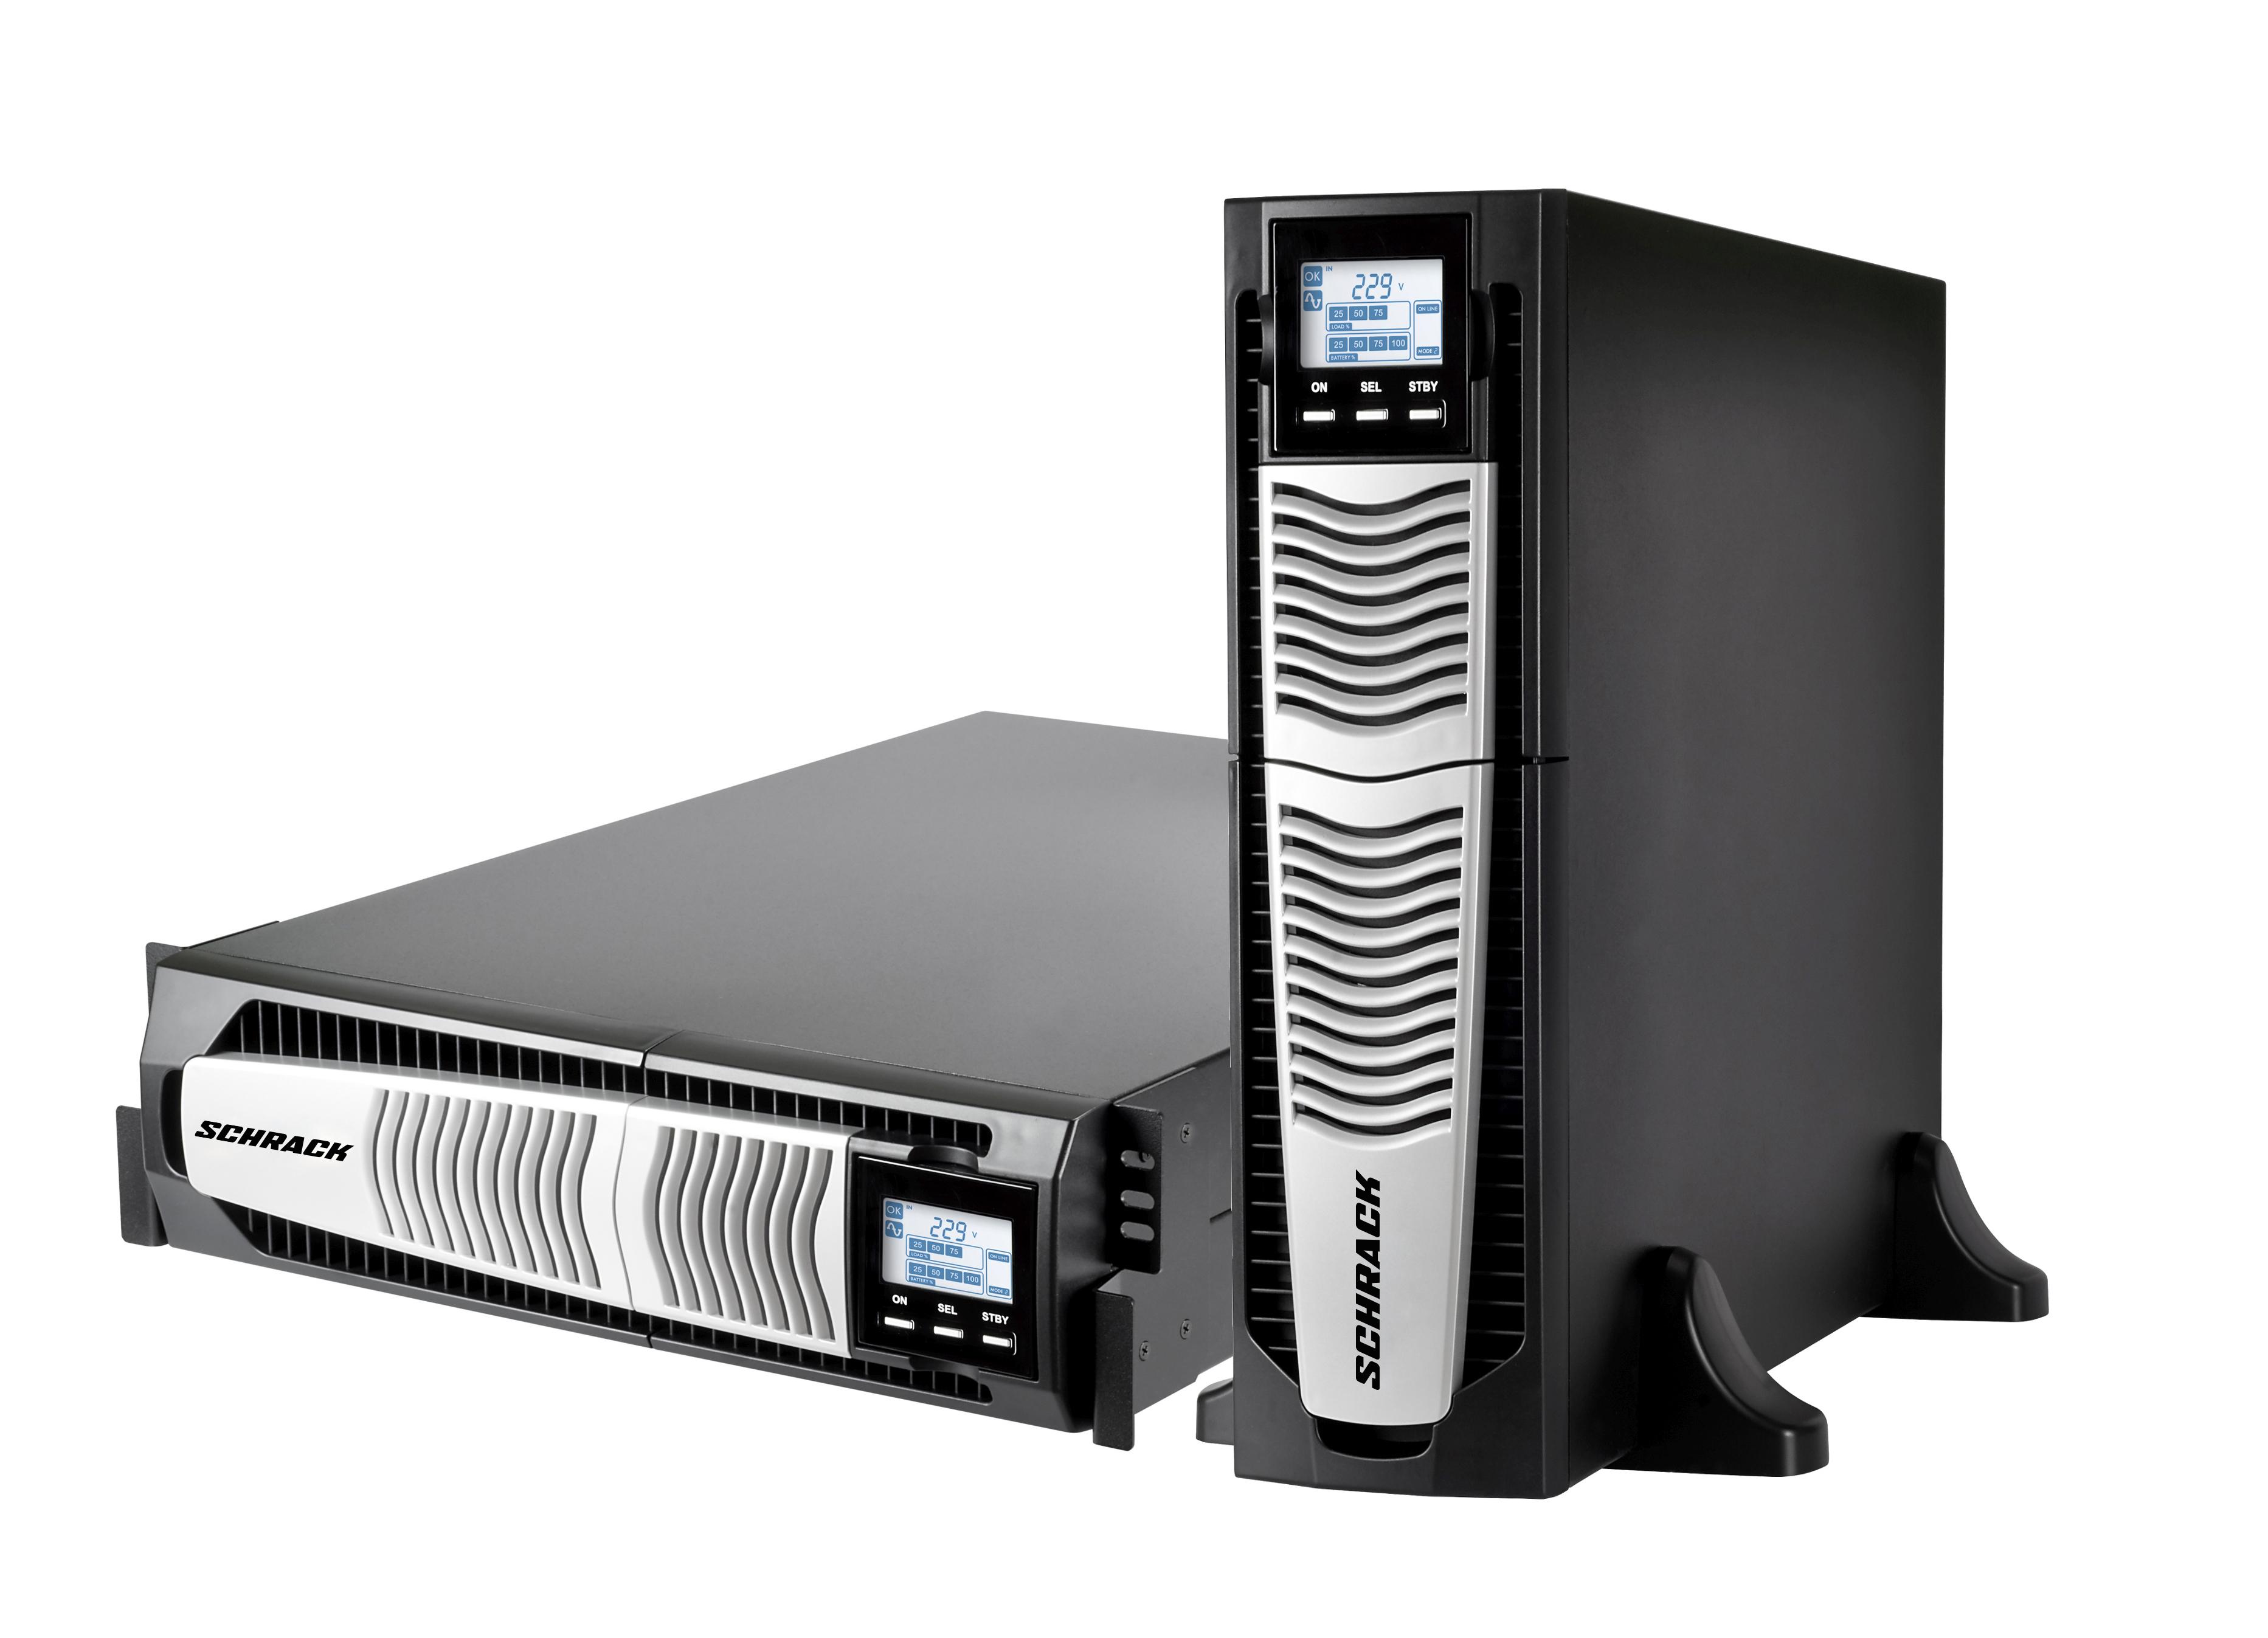 1 Stk USV GENIO Dual Power 10kVA 10kW 0 Min 1/1 phasig / Online USSD1000DI